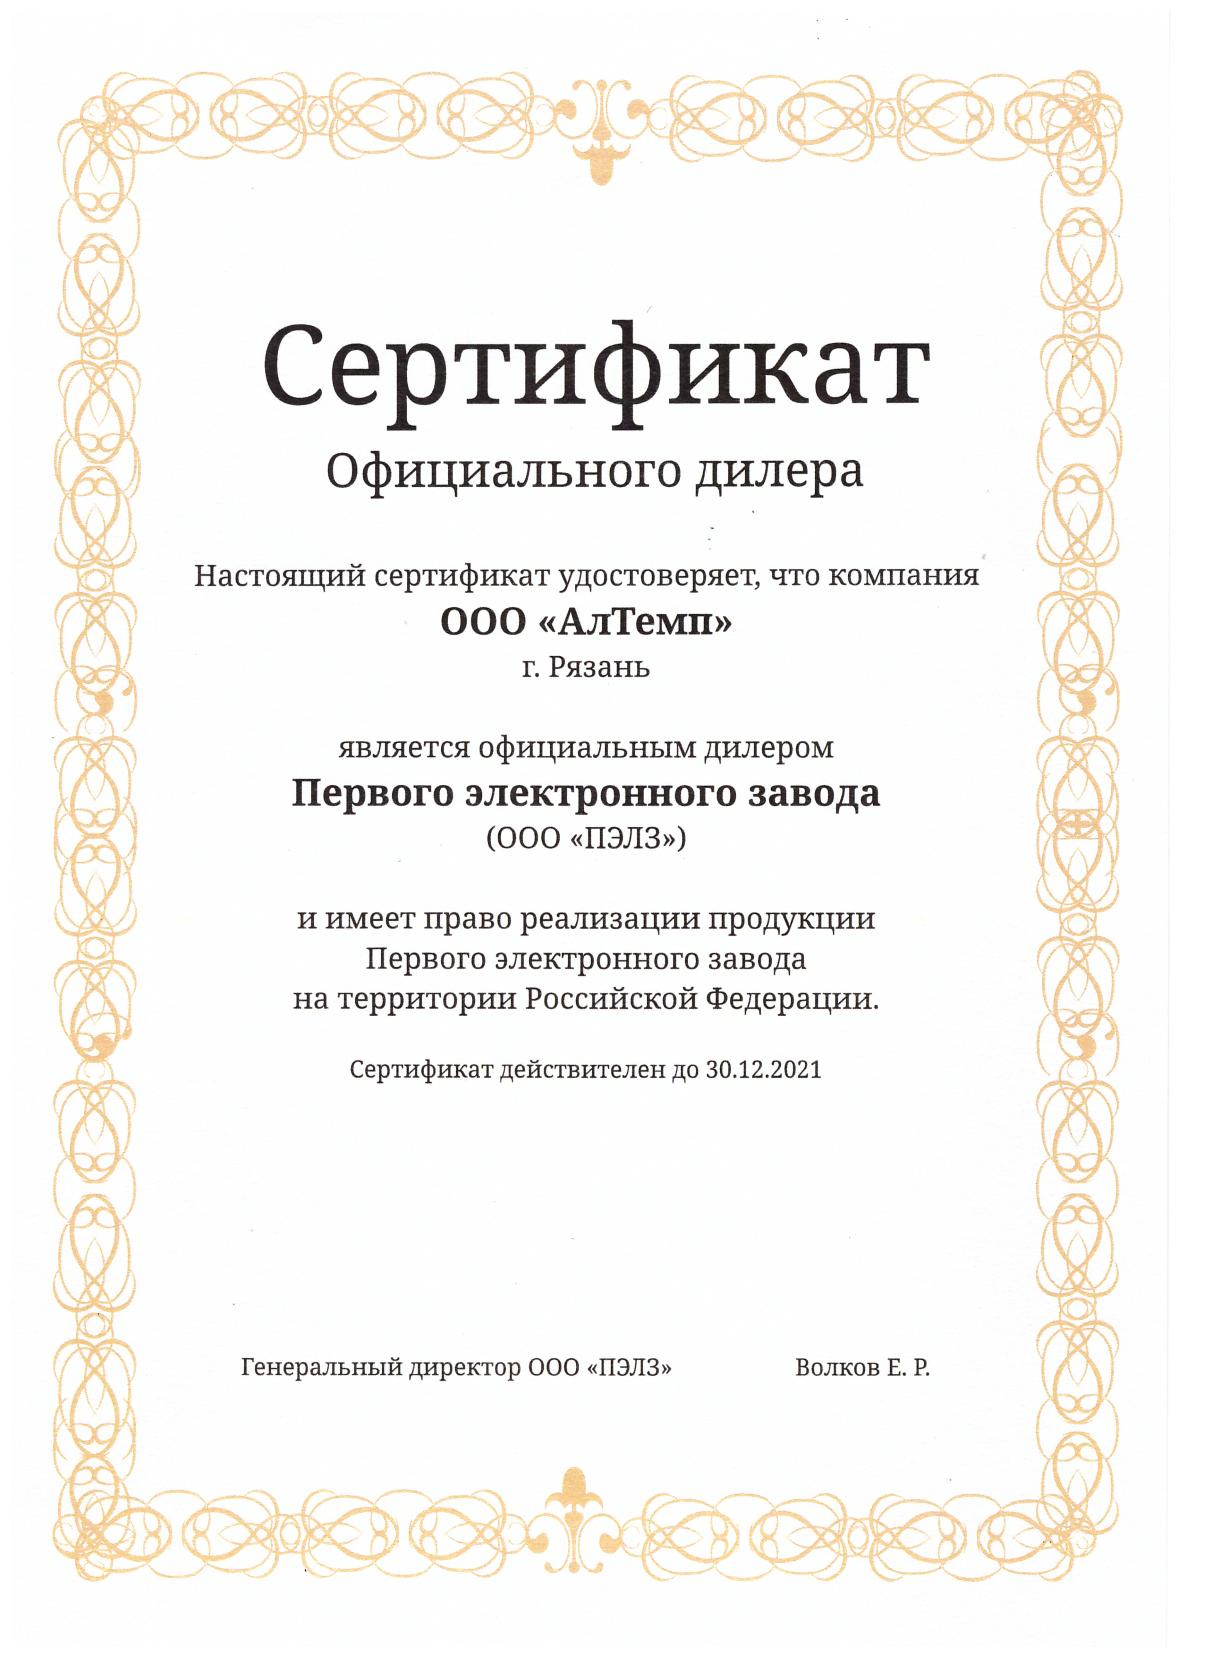 """Сертификат официального дилера от ООО """"ПЭЛЗ"""""""